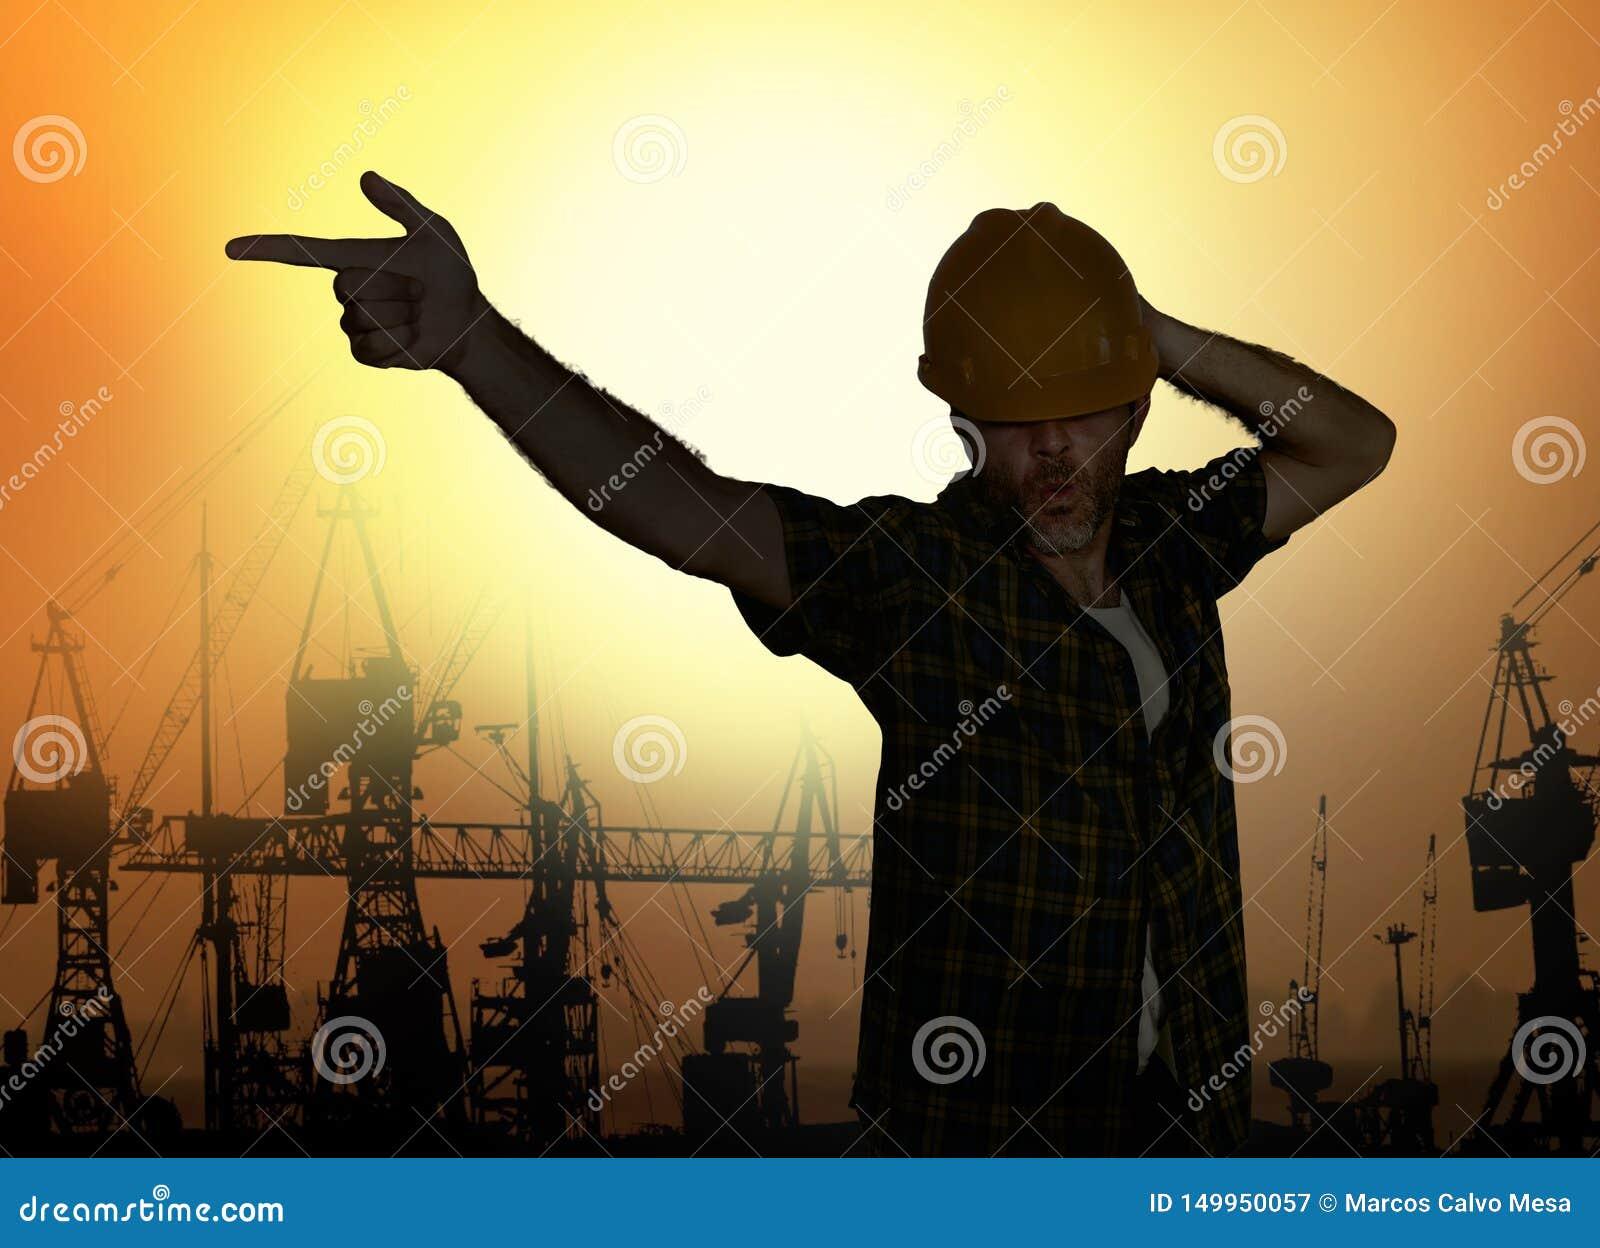 La silueta del trabajador que baila la emulación feliz con la actitud del estrella del pop del casco que celebra día laborable ha